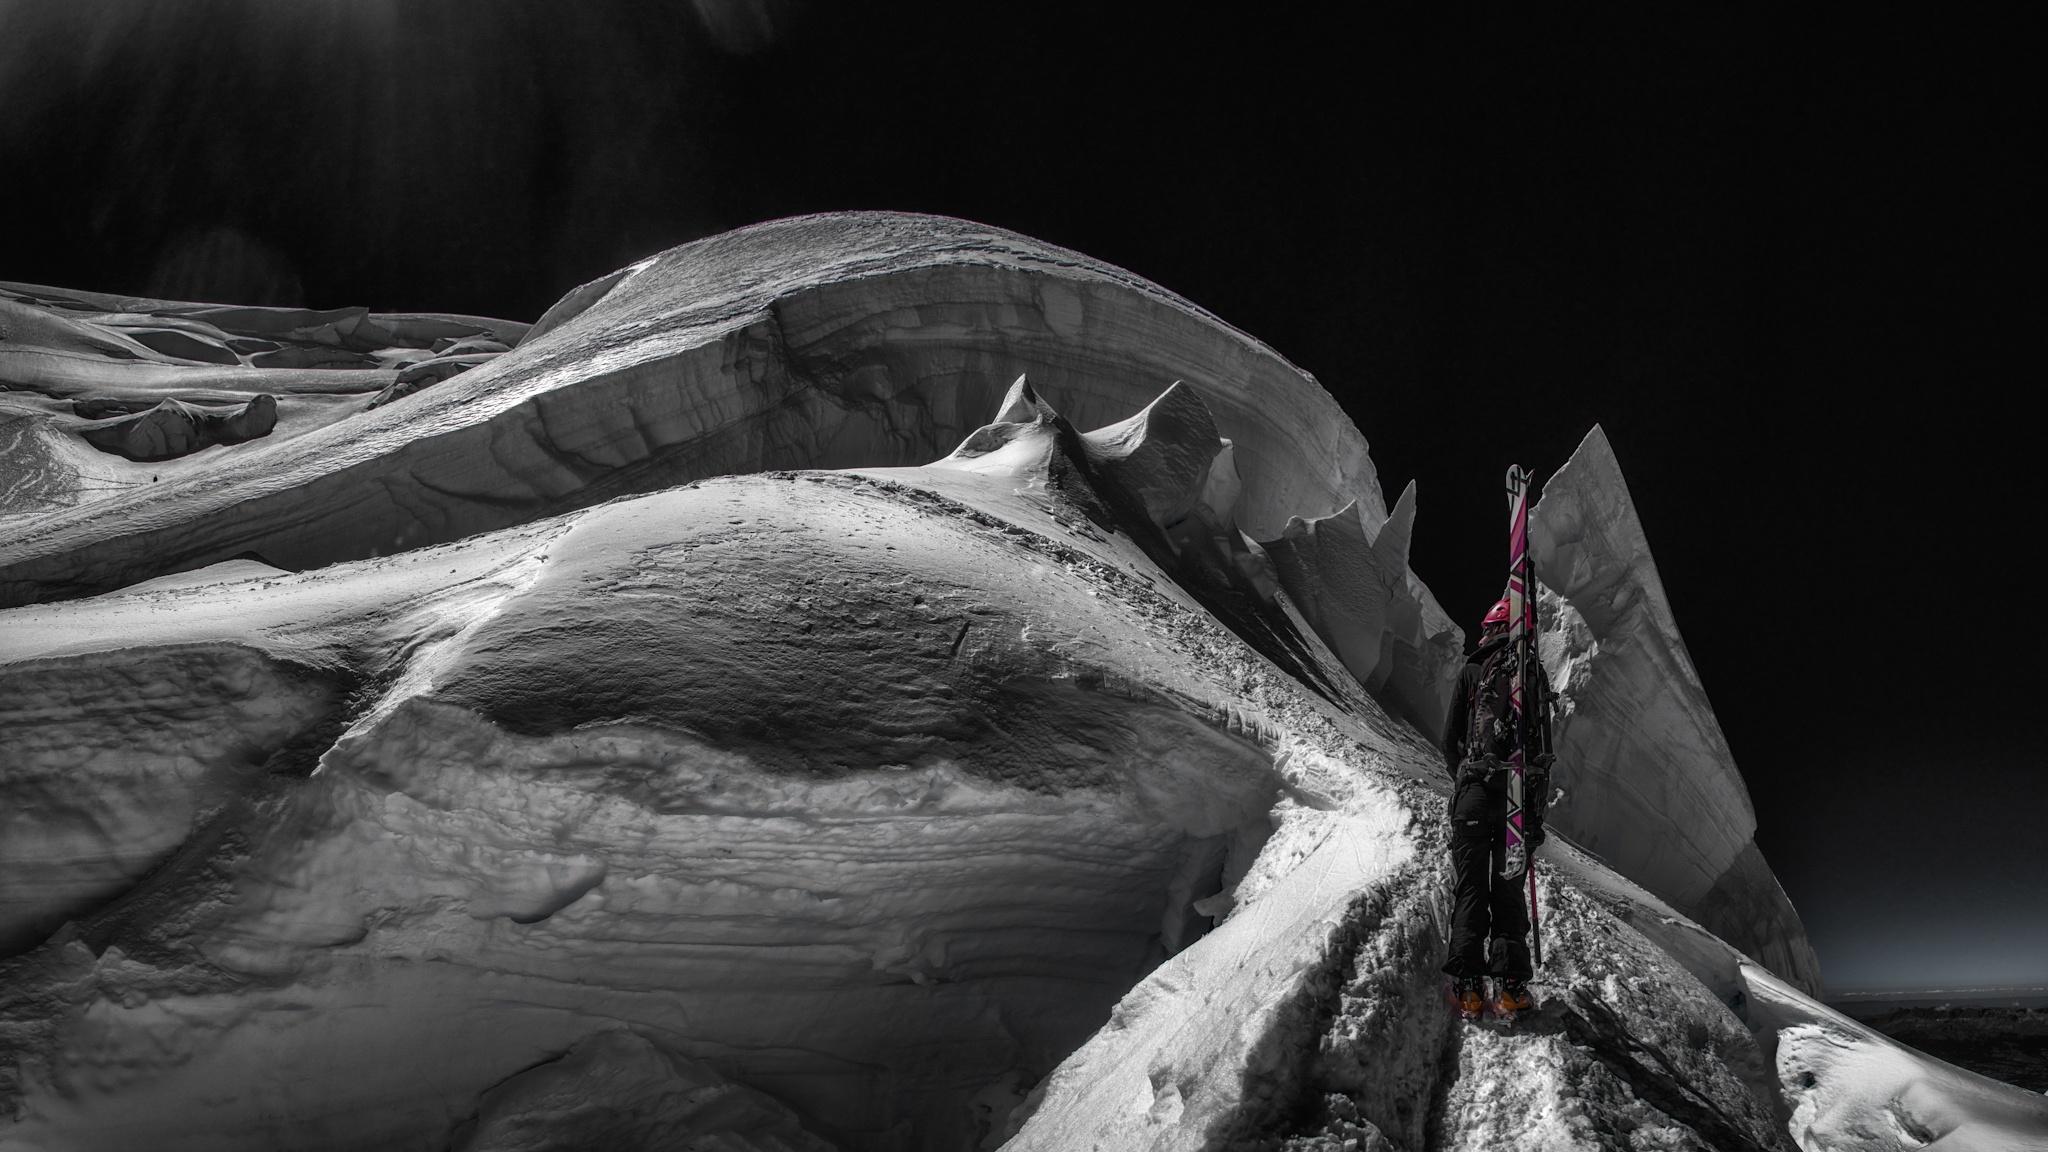 Mont Blanc de Tacul, Marta Hekneby - Ski & Snowboard - Fotos del Valle del Aragón, Mikel Besga